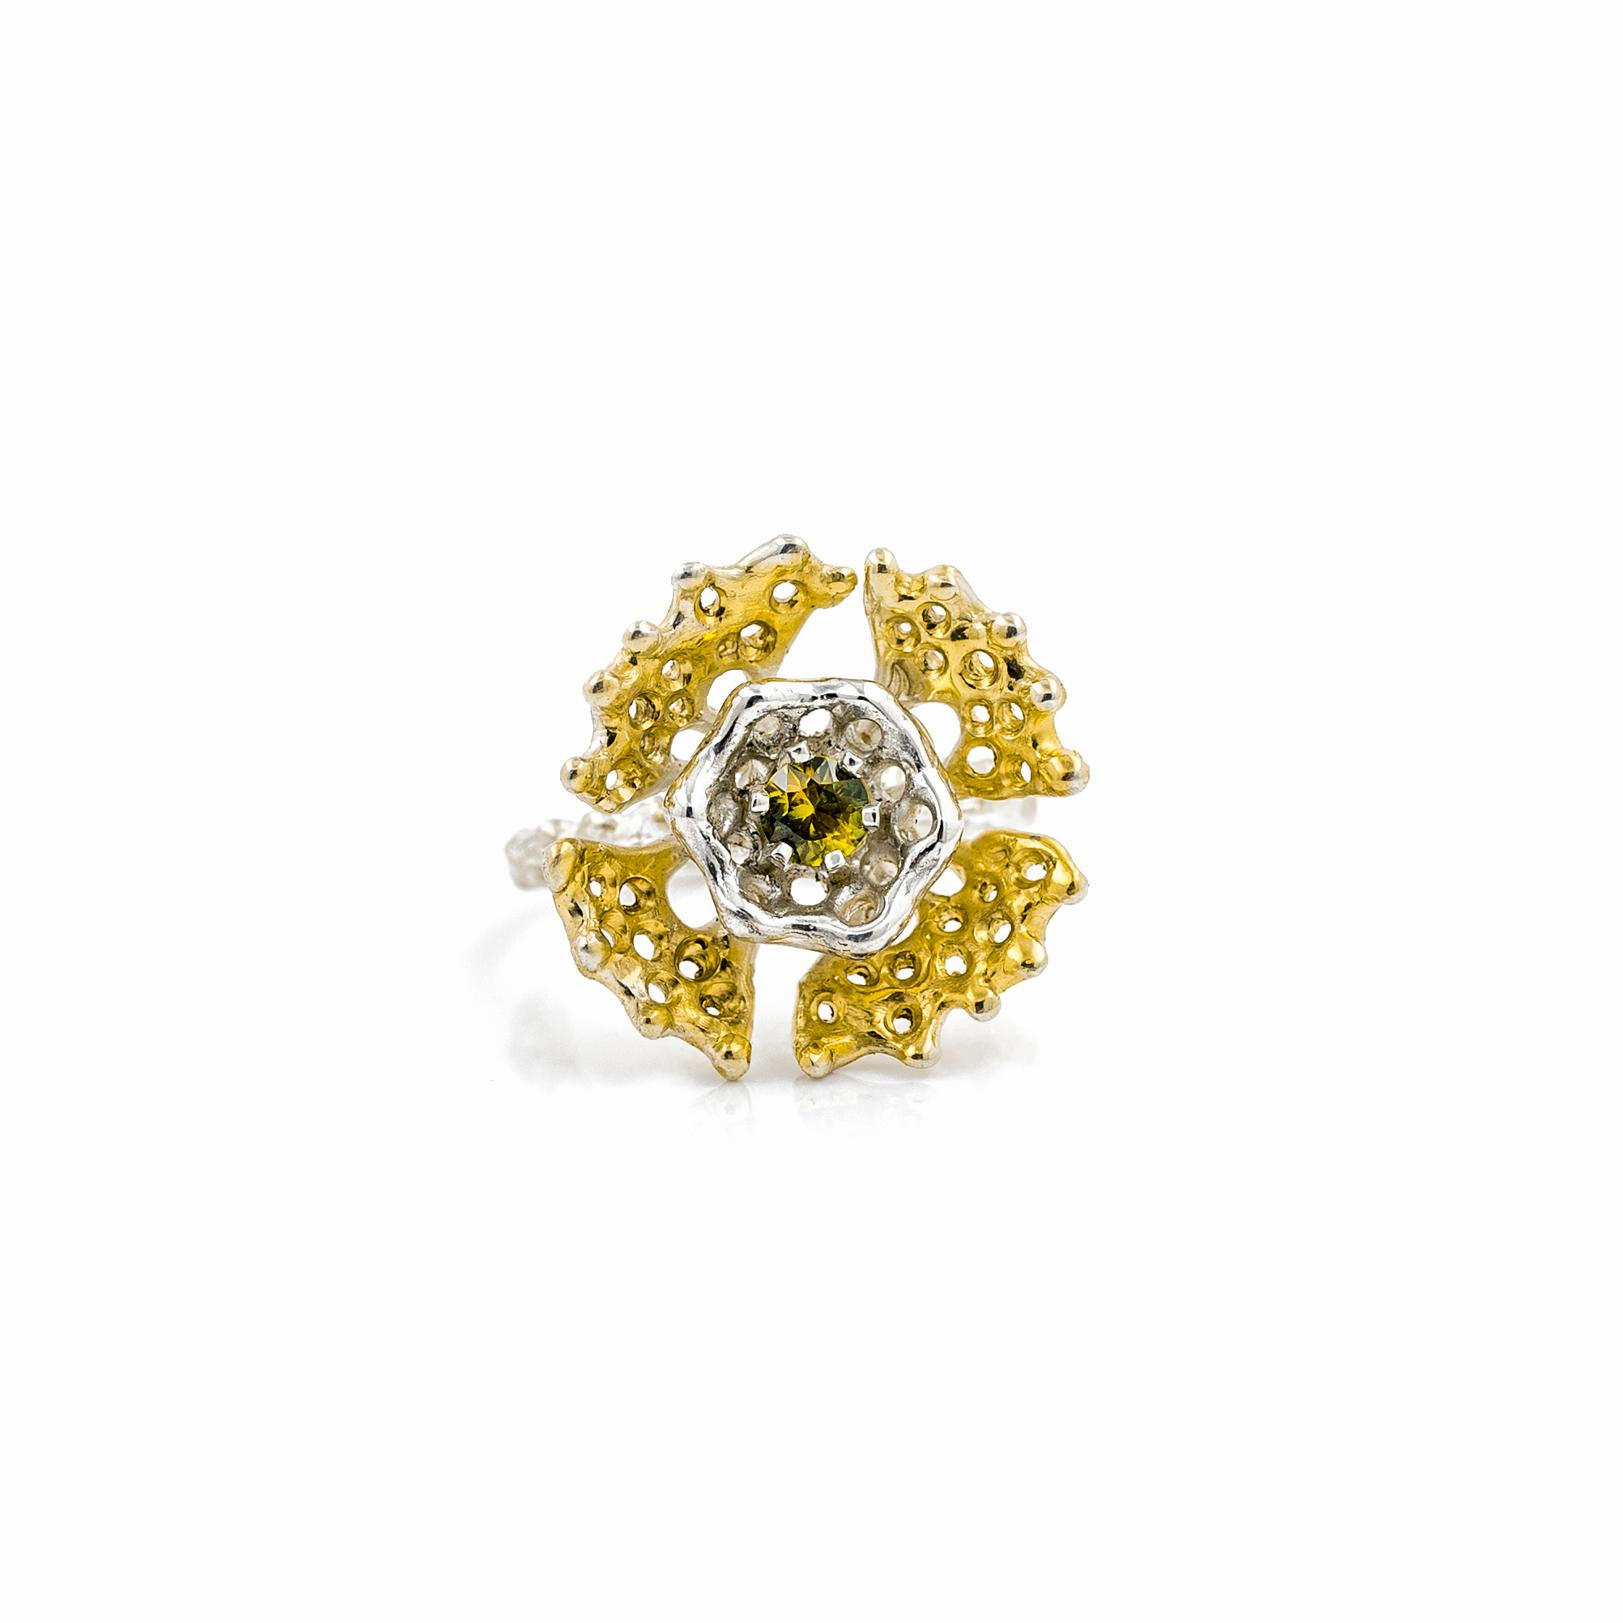 Fanned ring: Golden fans surround a stunning yellow green Australian parti sapphire.